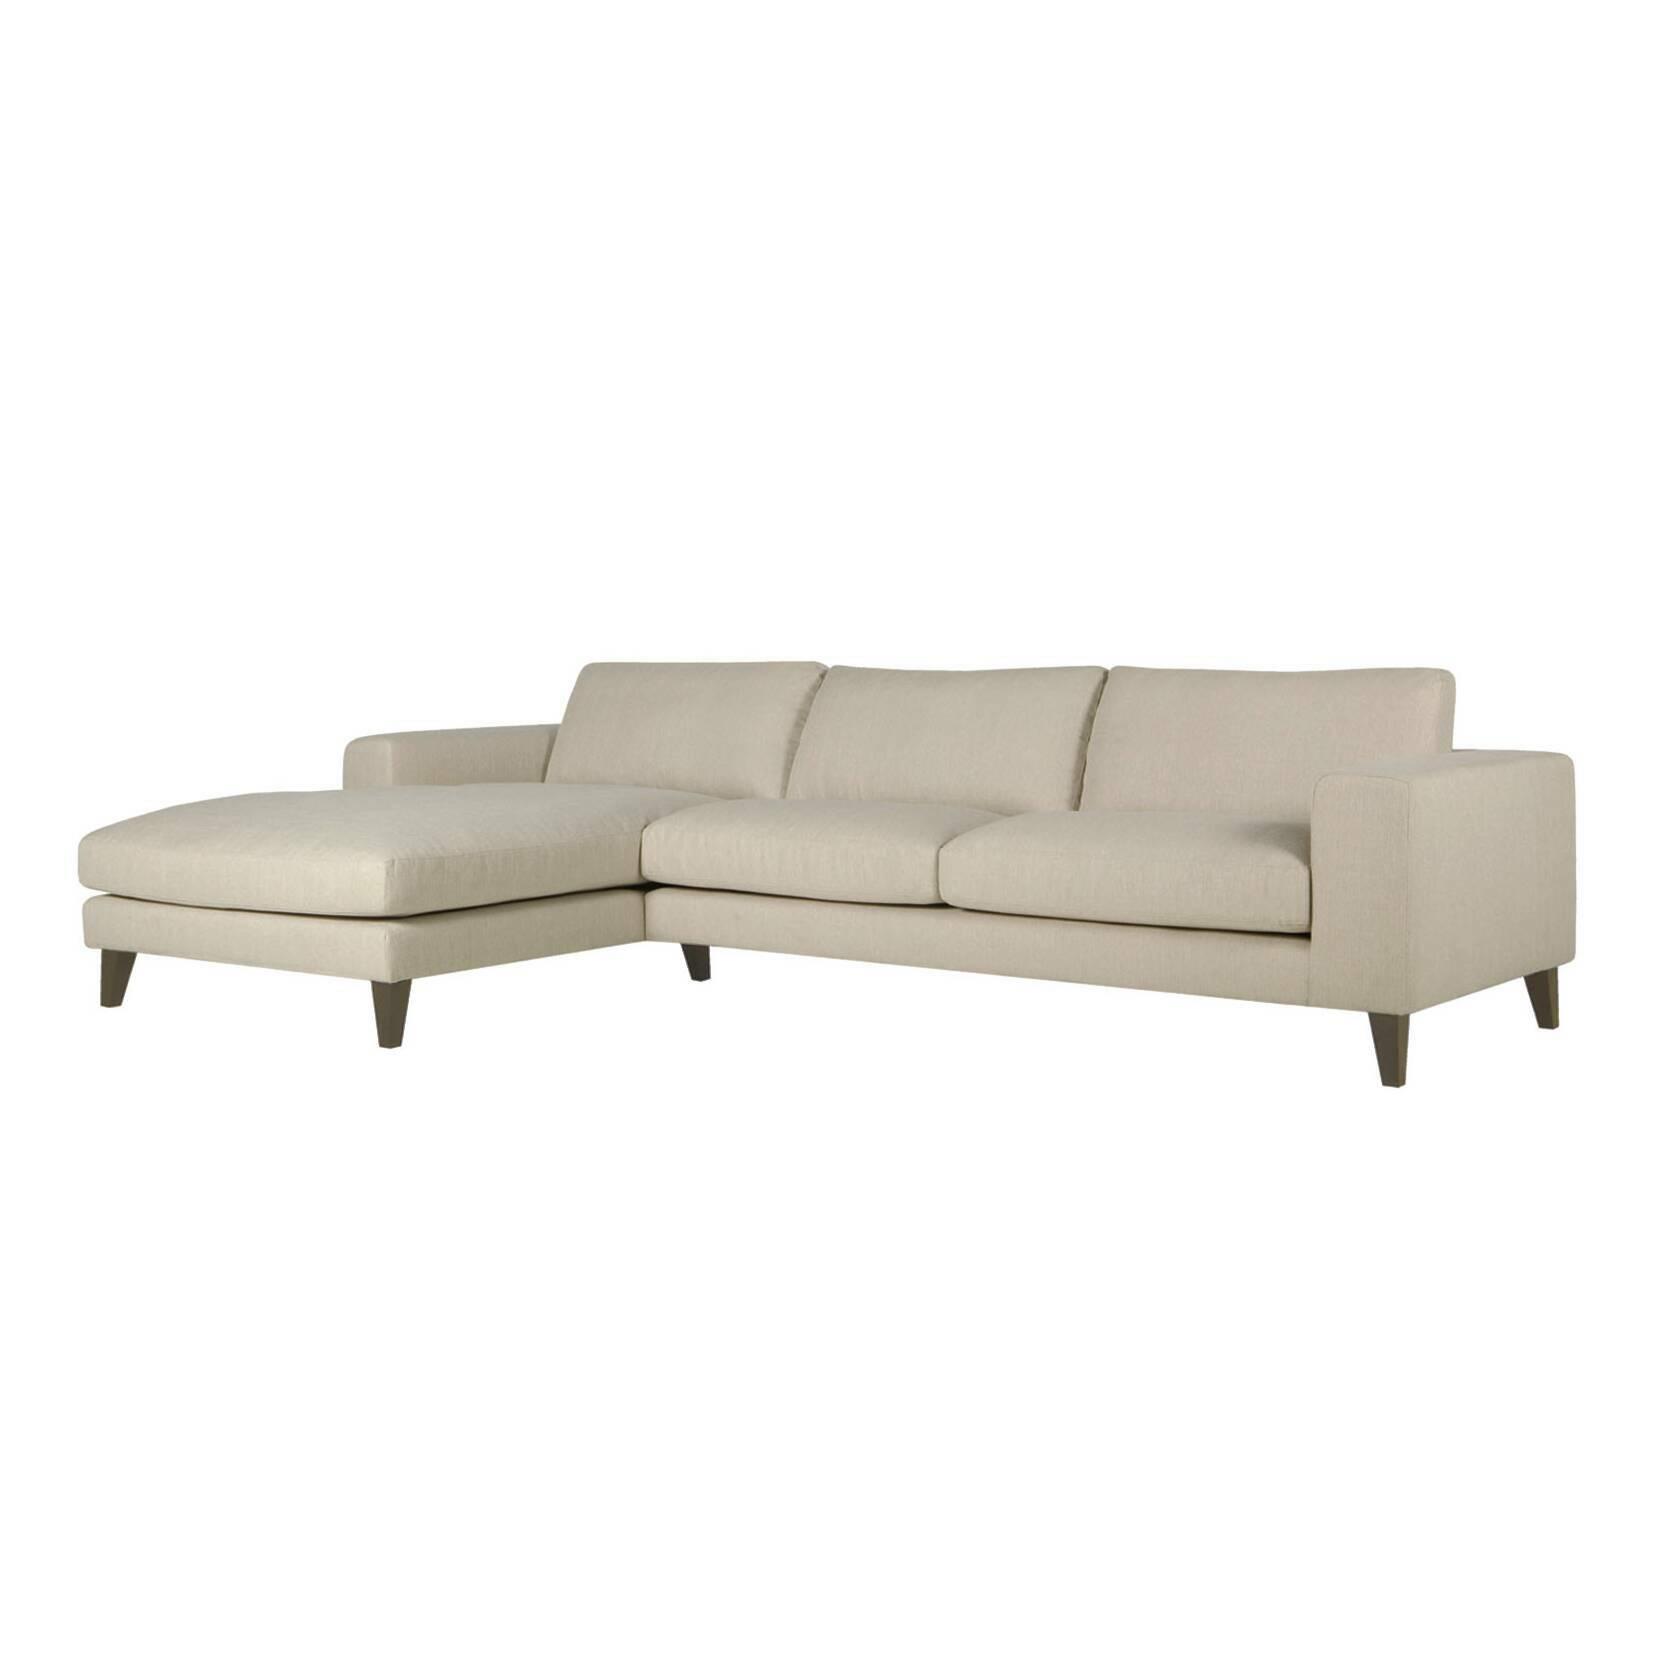 Угловой диван Passion левостороннийУгловые<br>Дизайнерский комфортный светло-коричневый глубокий диван Passion (Пашен) на высоких ножках от Sits (Ситс).<br> Великолепный классический стиль углового дивана Passion левосторонний никого не оставит равнодушным. Легкий, почти воздушный внешний вид в сочетании с внушительными габаритами в результате дает прекрасный дизайн и невероятный комфорт в использовании. Светло-коричневая, практически белая обивка впустит в помещение больше света и визуально увеличит пространство комнаты.<br><br><br> Угловой ди...<br><br>stock: 0<br>Высота: 83<br>Высота сиденья: 46<br>Глубина: 100<br>Длина: 314<br>Цвет ножек: Темно-коричневый<br>Материал обивки: Хлопок, Лен<br>Степень комфортности: Премиум комфорт<br>Мартиндейл: 32500<br>Коллекция ткани: Категория ткани II<br>Тип материала обивки: Ткань<br>Тип материала ножек: Дерево<br>Длина шезлонга (см): 181<br>Цвет обивки: Светло-коричневый